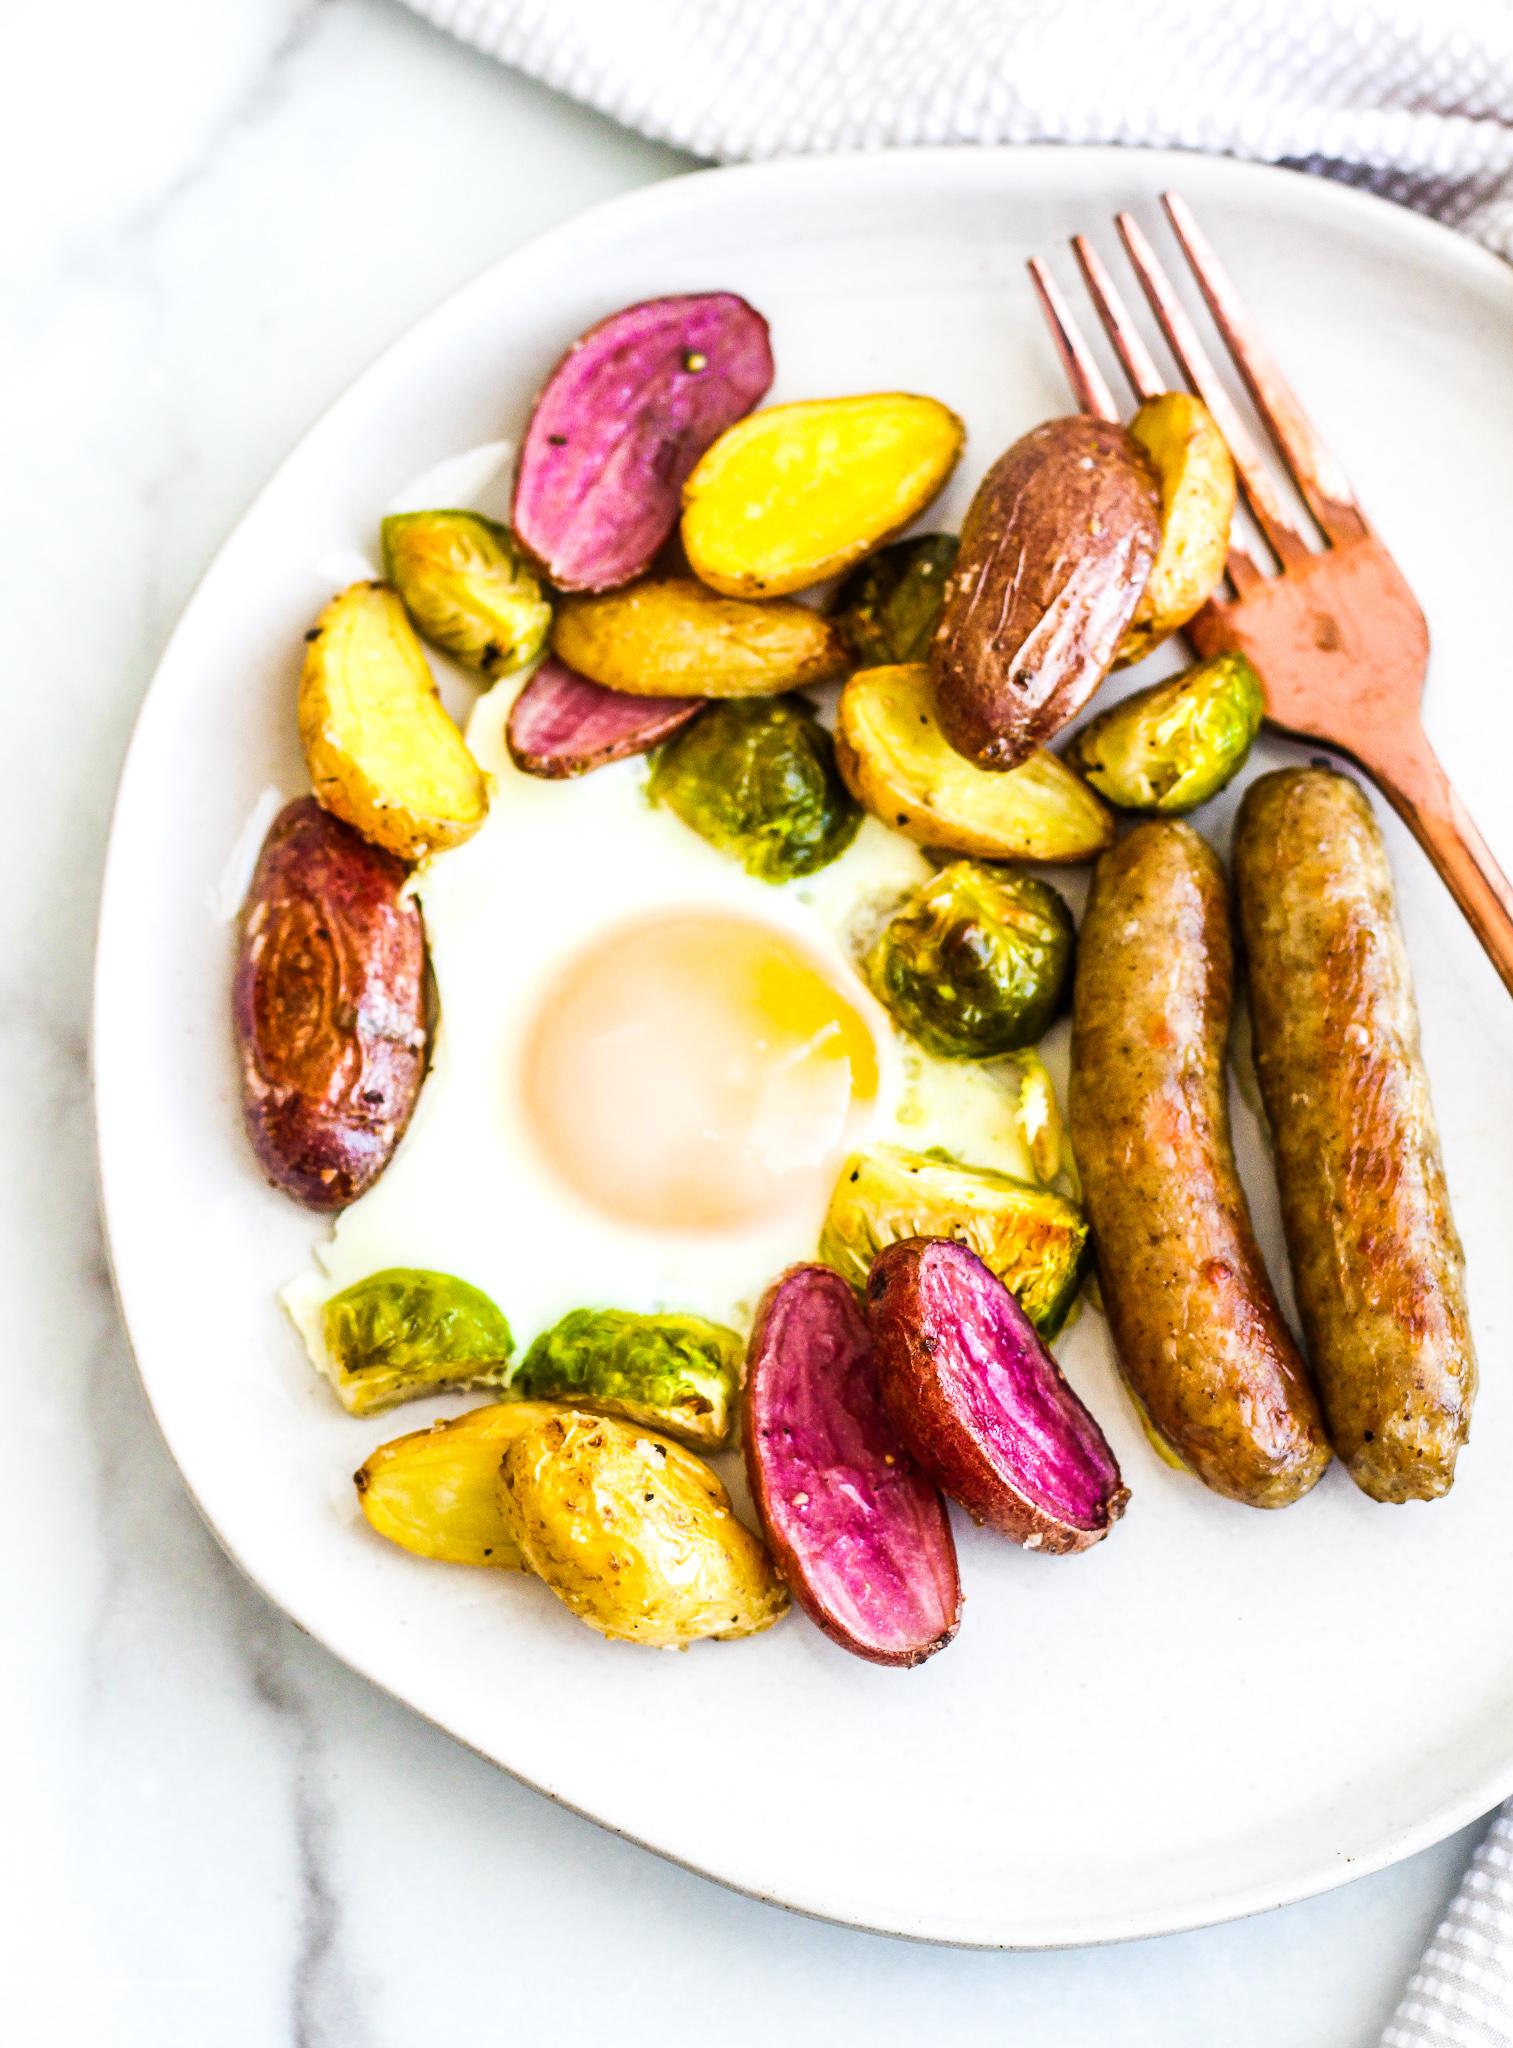 Sausage & Egg Breakfast Sheet Pan Meal